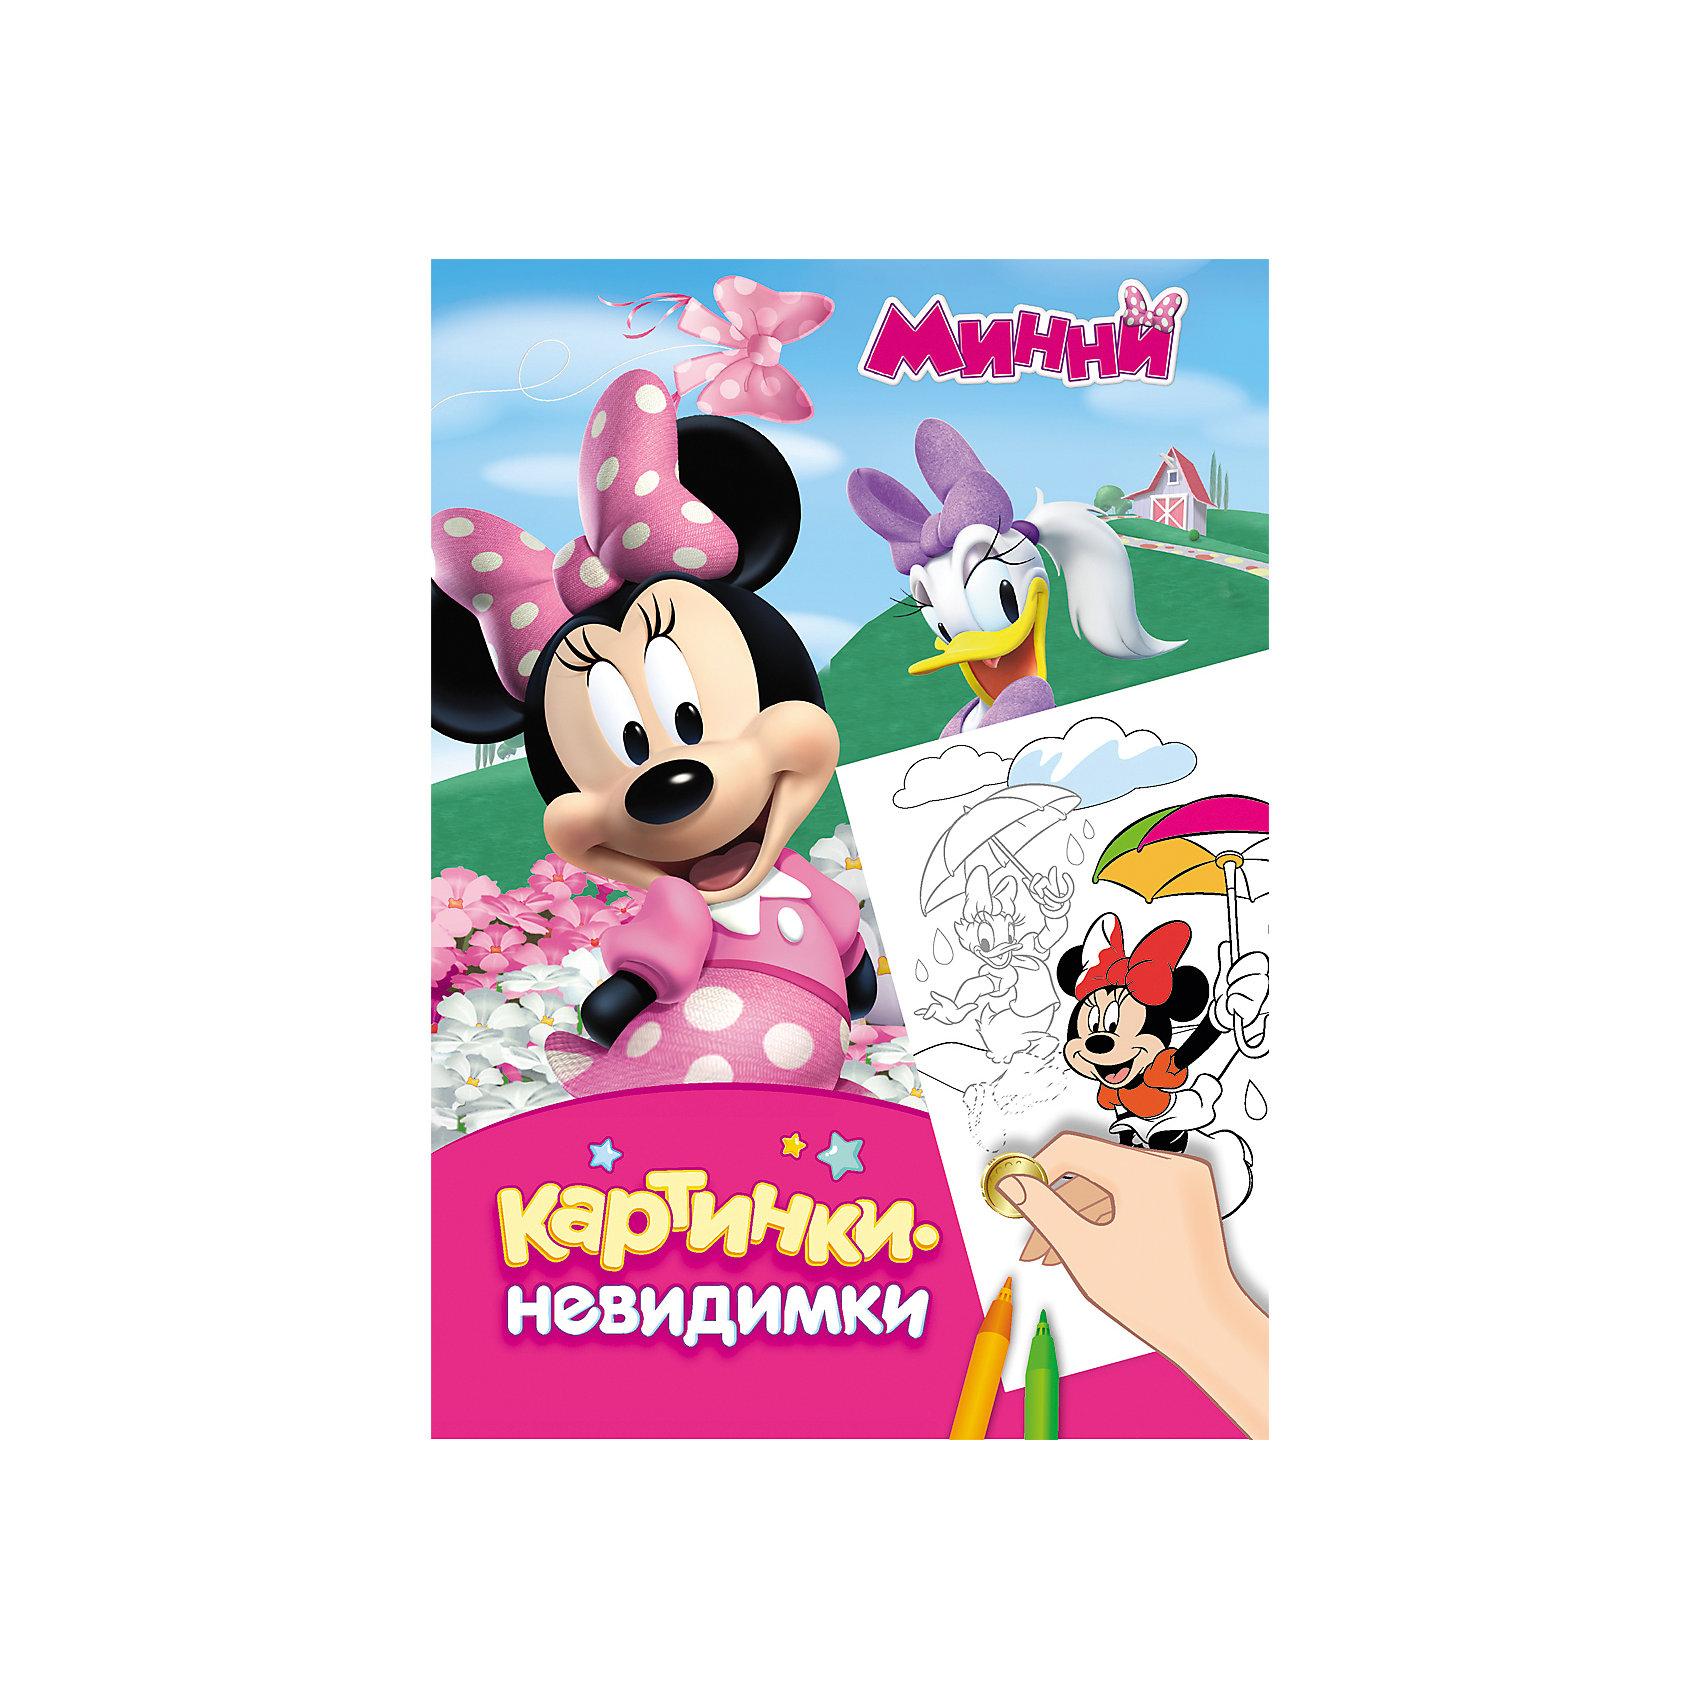 Картинки-невидимки Минни МаусКниги для девочек<br>Увлекательное издание для детского досуга Картинки-невидимки Минни Маус (Minnie Mouse) обязательно понравится Вашей девочке. На каждой страничке ее ждет приятный сюрприз - волшебные картинки, которые на первый взгляд не видны. Чтобы их увидеть надо потереть странички монеткой, проявившиеся рисунки с мышкой Минни и другими популярными героинями диснеевских мультфильмов можно раскрасить карандашами или фломастерами. Альбом развивает творческое мышление и воображение ребенка, тренируют мелкую моторику рук. <br><br>Дополнительная информация:<br><br>- Серия: Картинки-невидимки. <br>- Переплет: мягкая обложка.<br>- Иллюстрации: черно-белые.<br>- Объем: 16 стр.<br>- Размер: 24 х 16 см.<br>- Вес: 52 гр.<br><br>Картинки-невидимки Минни Маус (Minnie Mouse), Росмэн, можно купить в нашем интернет-магазине.<br><br>Ширина мм: 240<br>Глубина мм: 160<br>Высота мм: 1<br>Вес г: 52<br>Возраст от месяцев: 36<br>Возраст до месяцев: 84<br>Пол: Женский<br>Возраст: Детский<br>SKU: 4193723